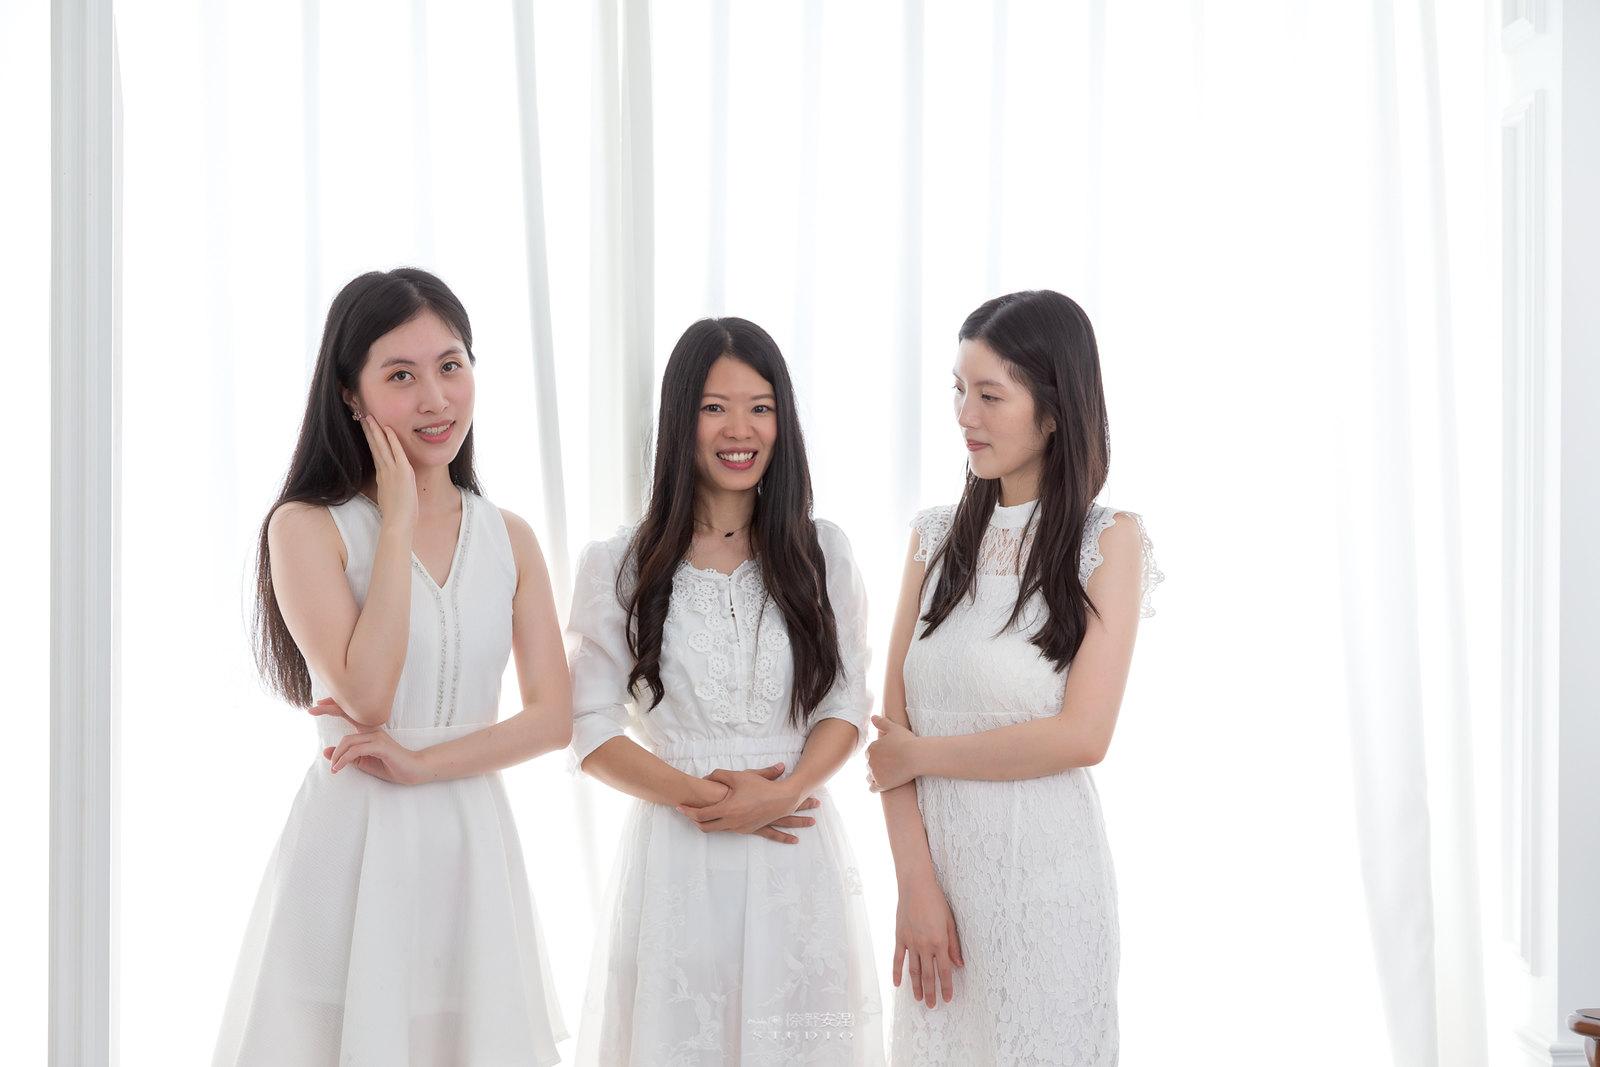 台南全家福 | 拋棄傳統合照的彆扭,忠實呈現家人間最親密的情感21